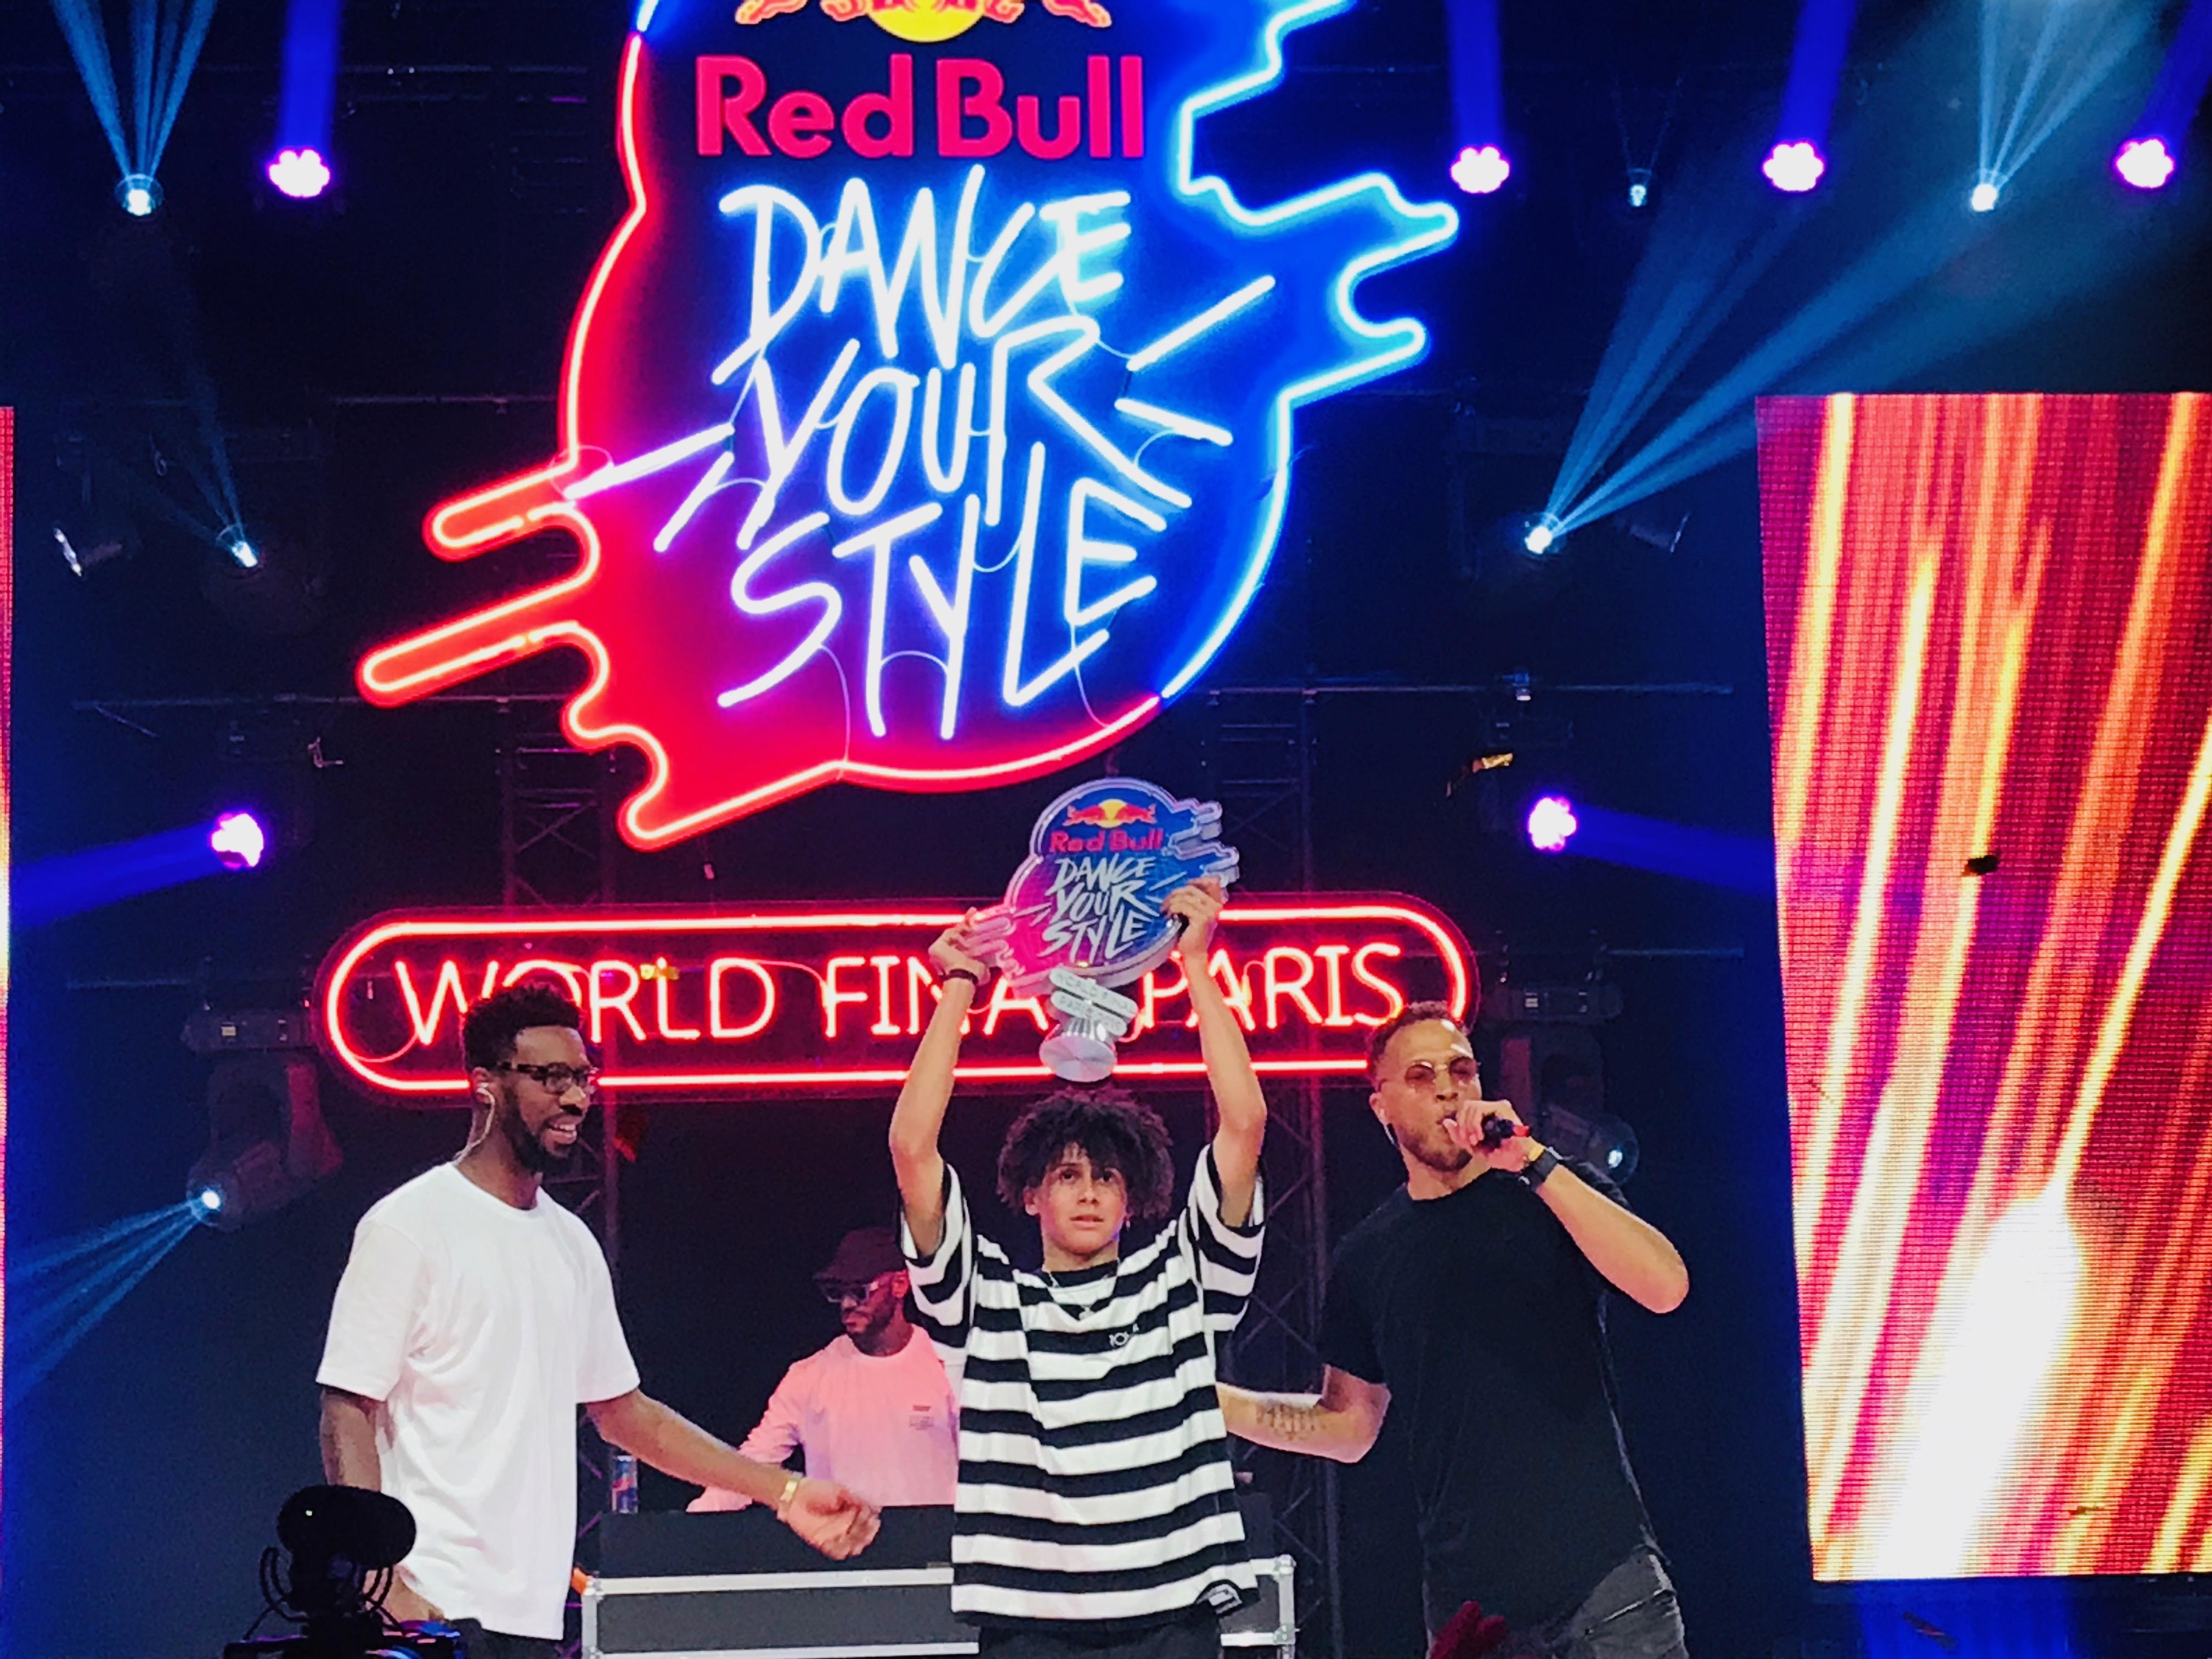 le Hollandais Shinshan, vainqueur de la finale internationale du Red Bull Dance Your Style 2019.